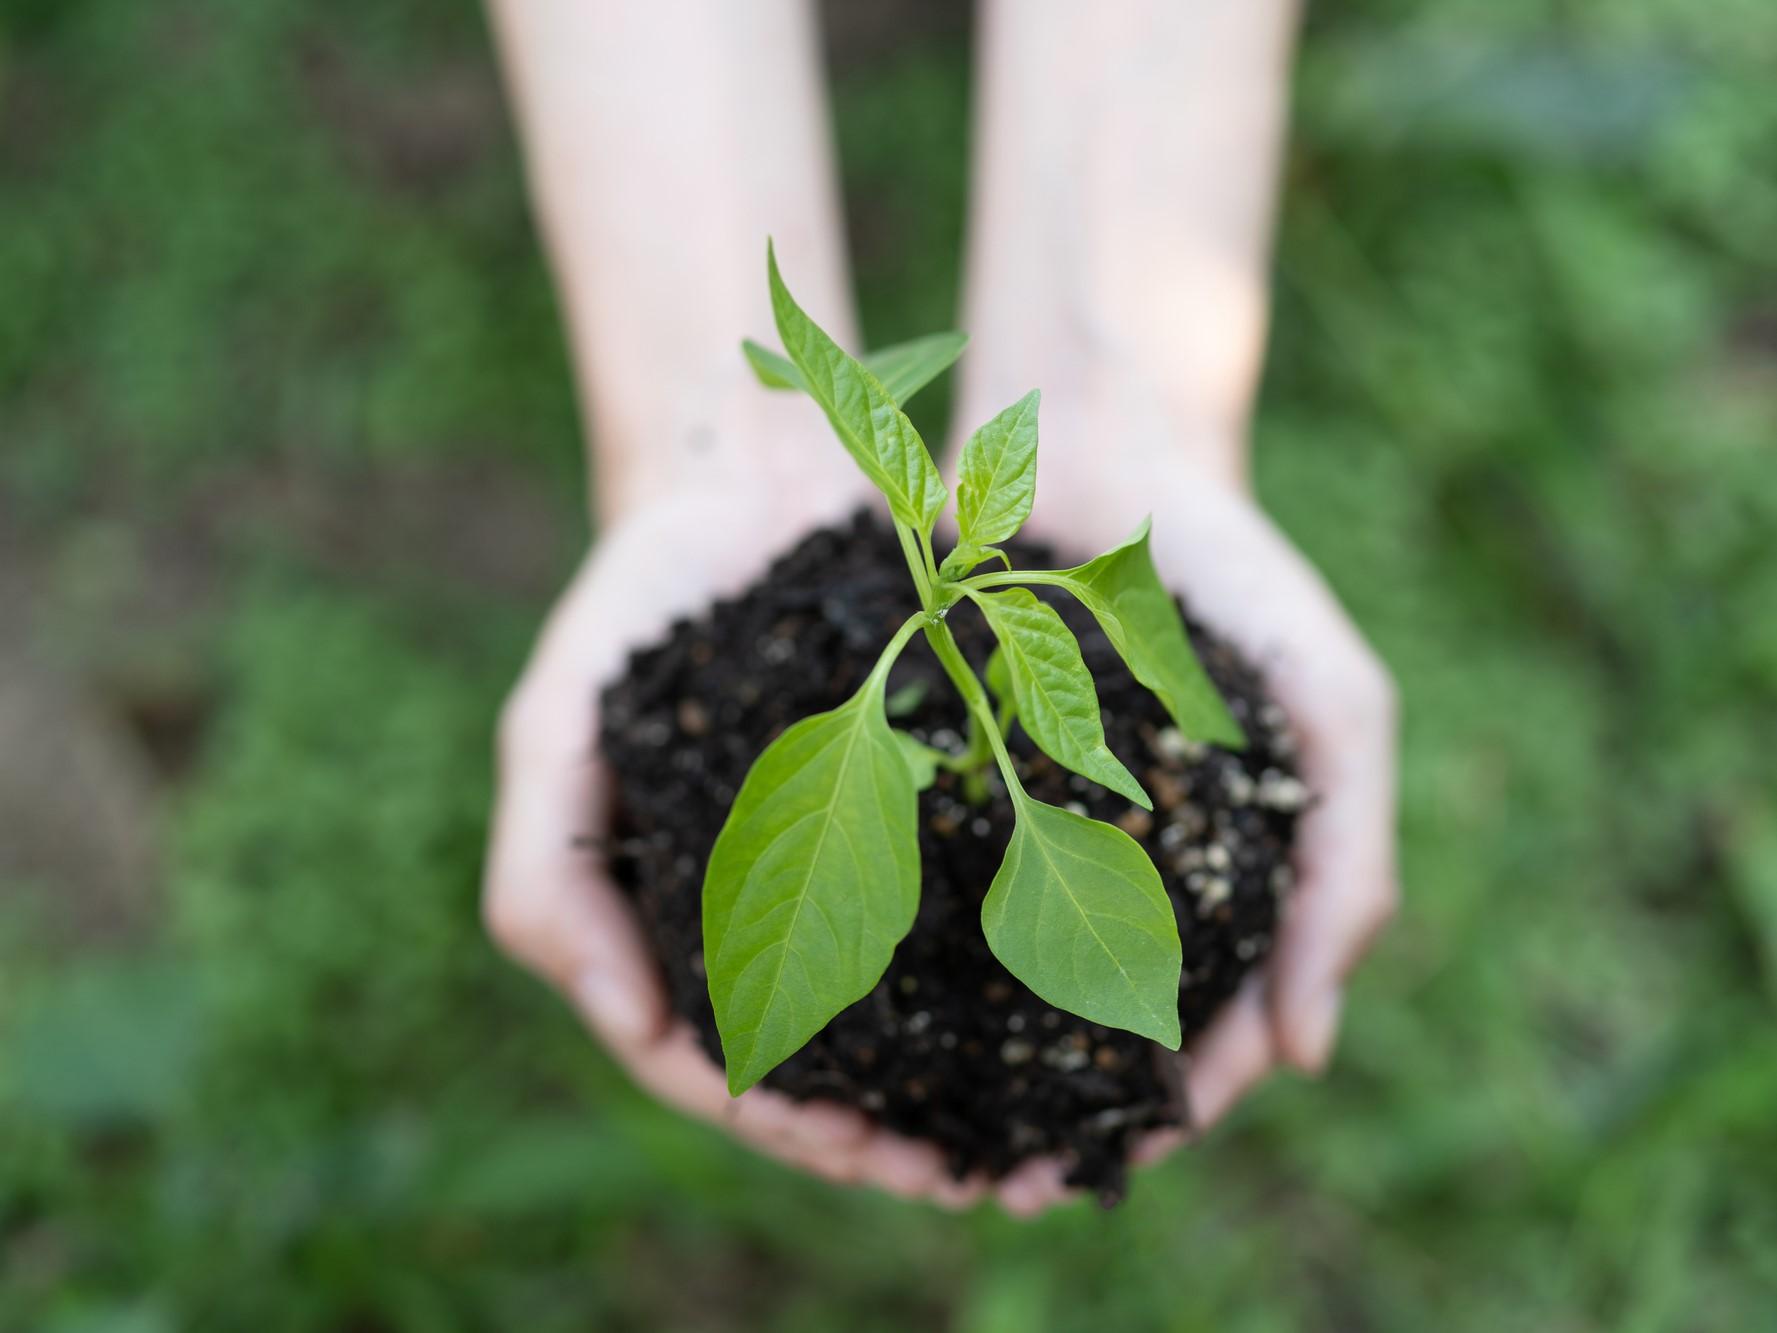 苗を守る人の手